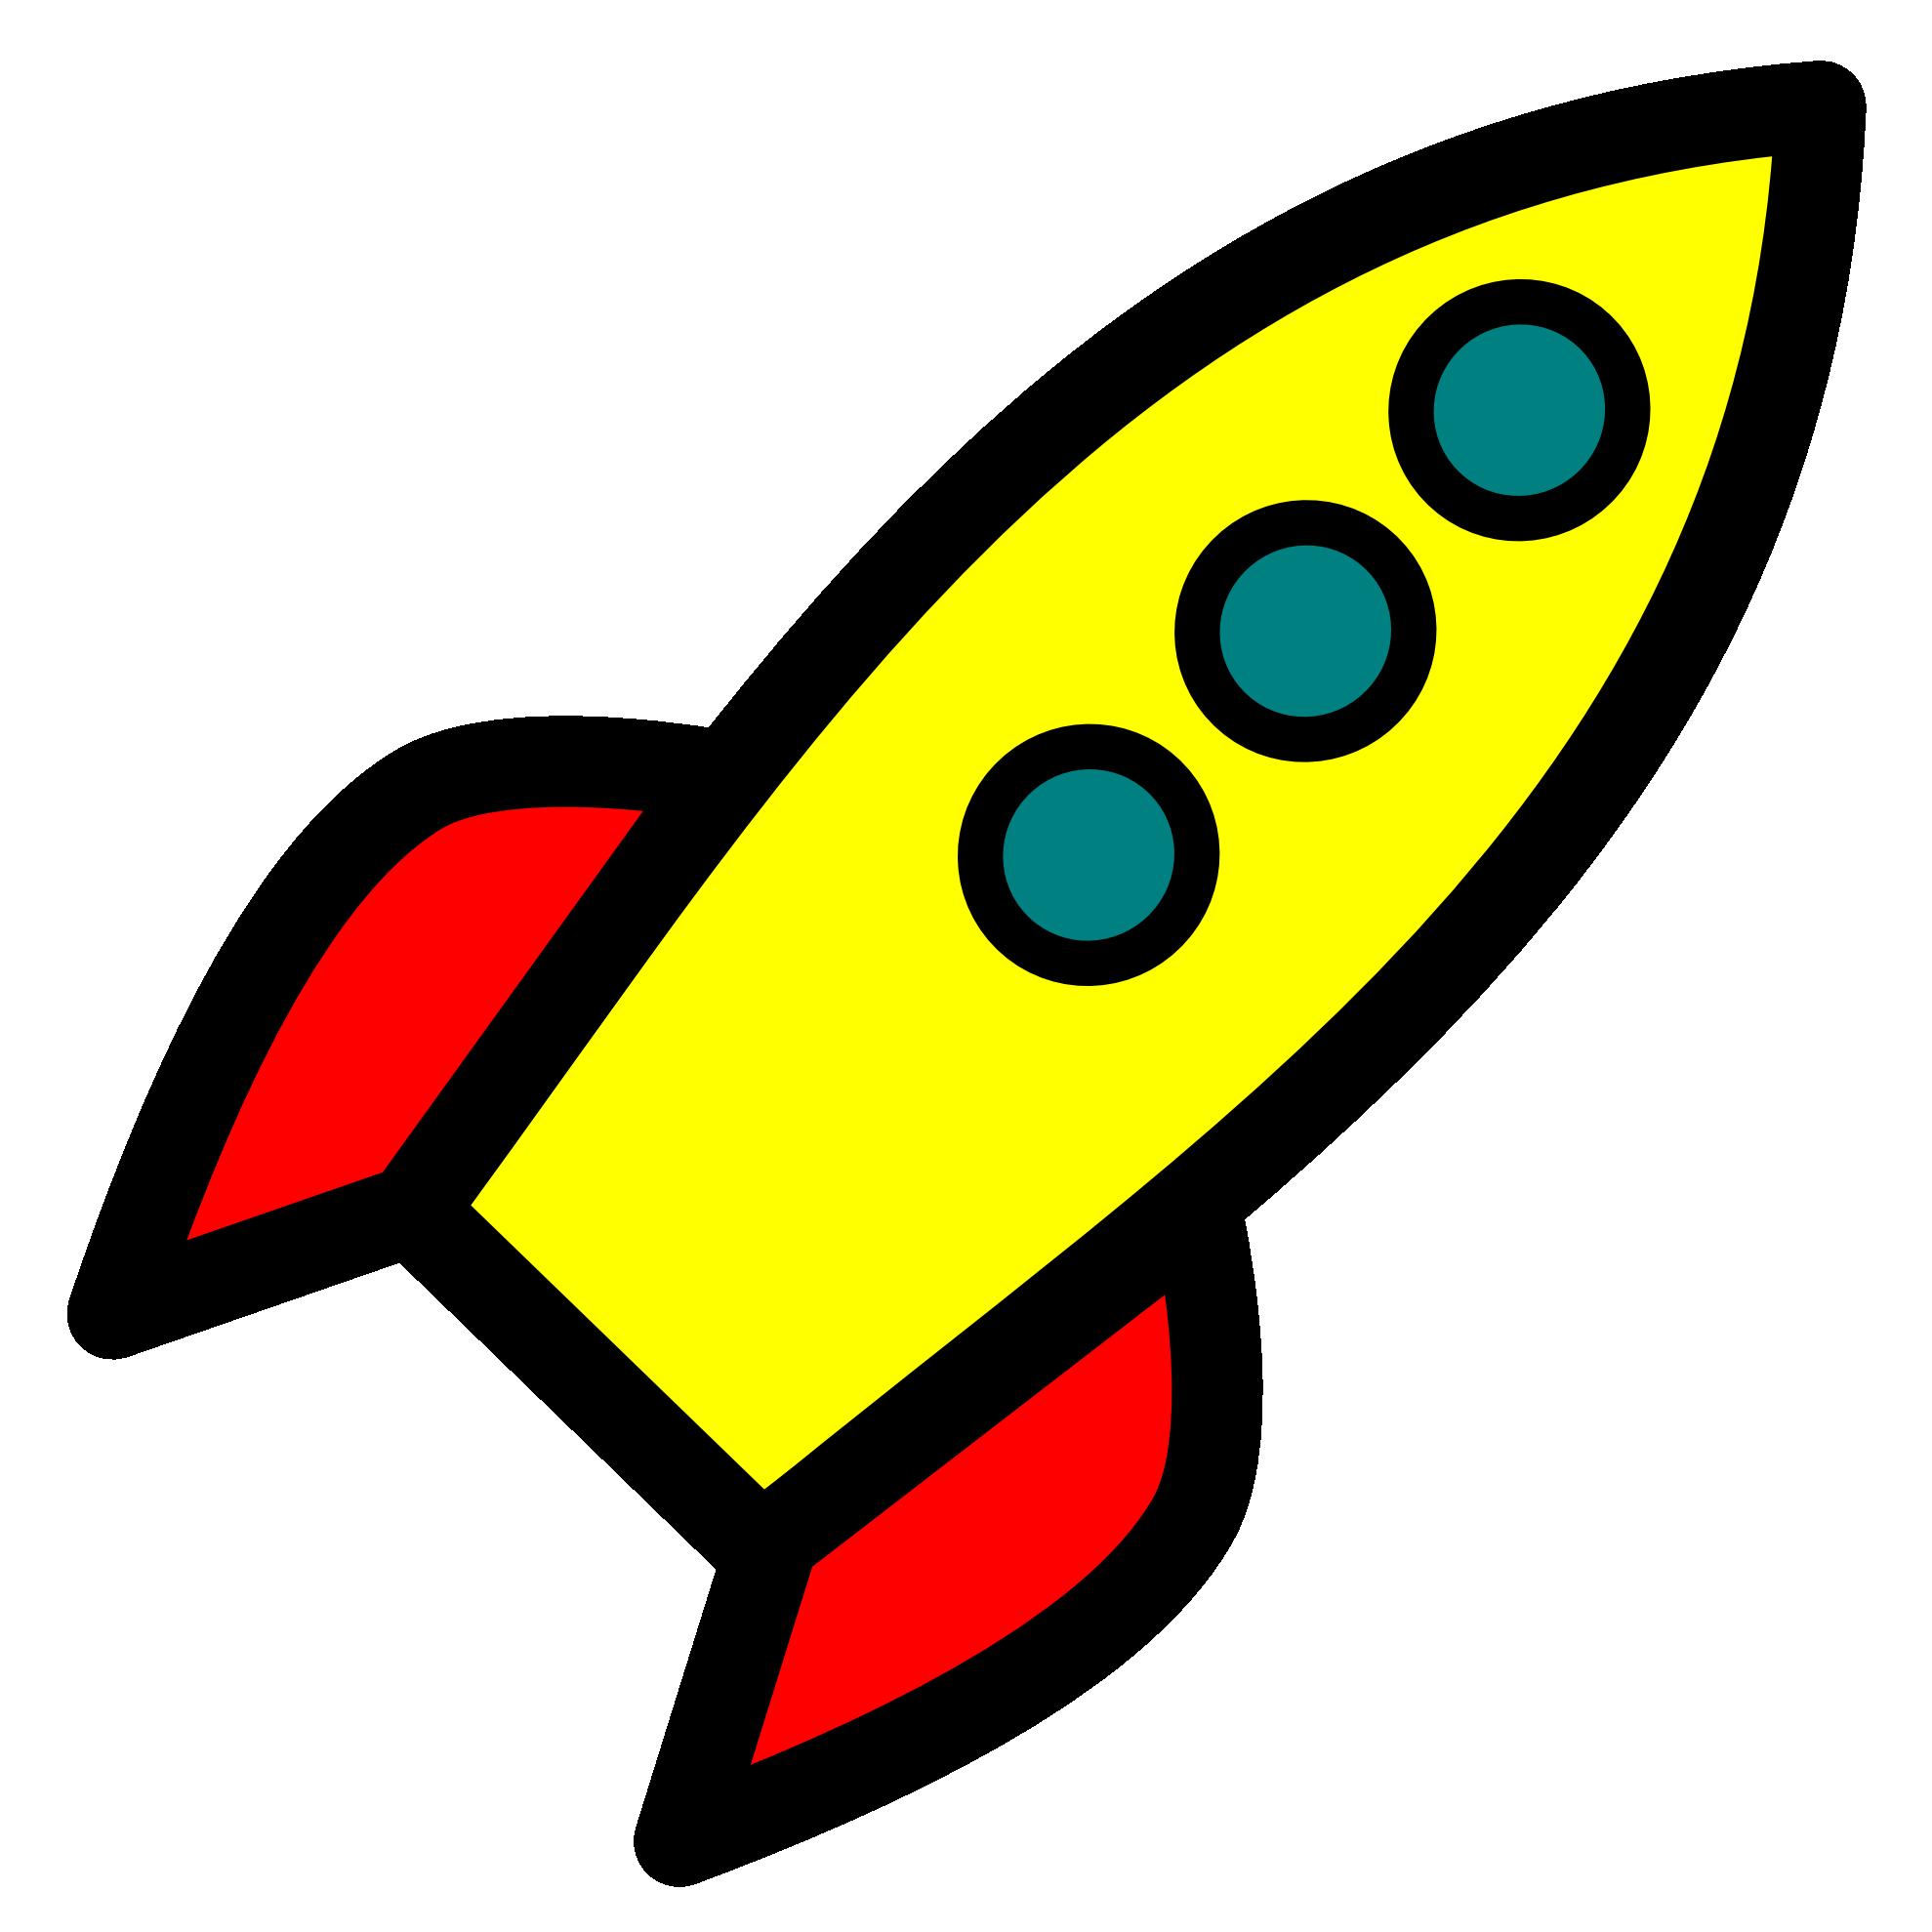 Rocket clip art clipart